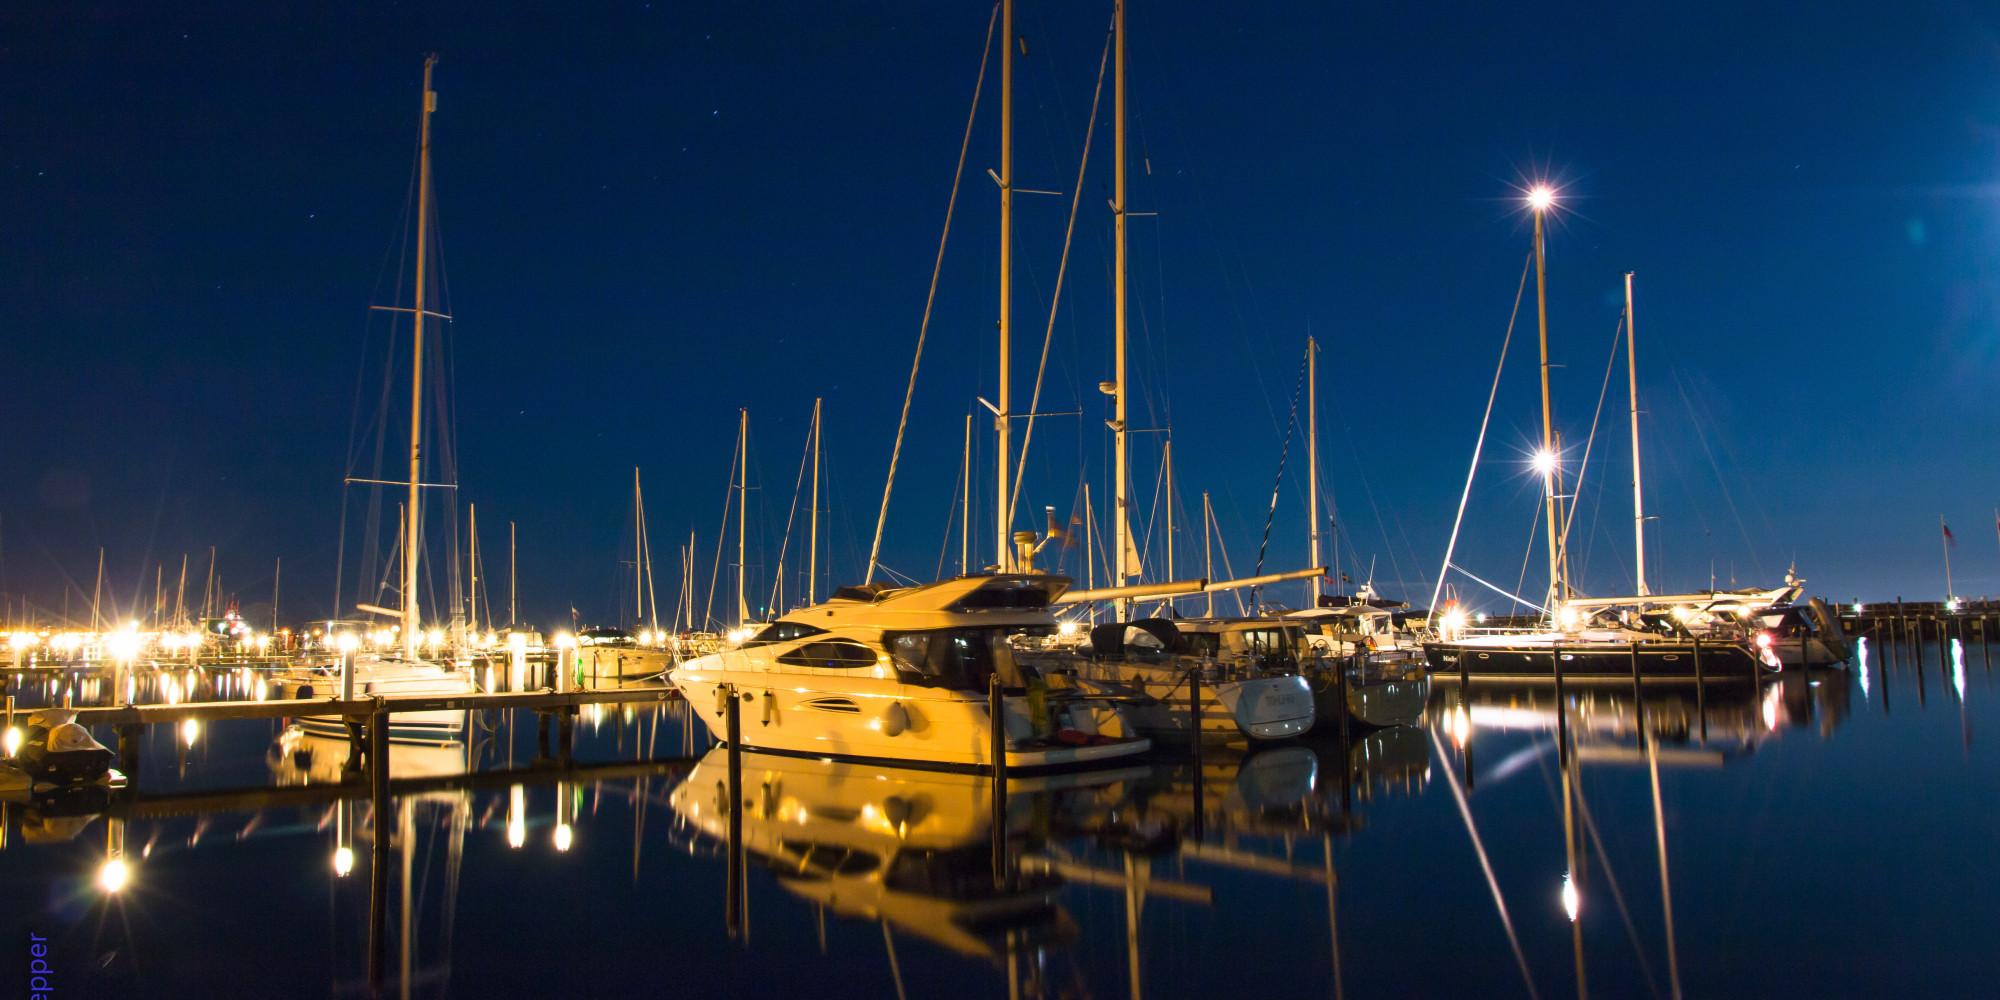 restaurant_im_yachthafen